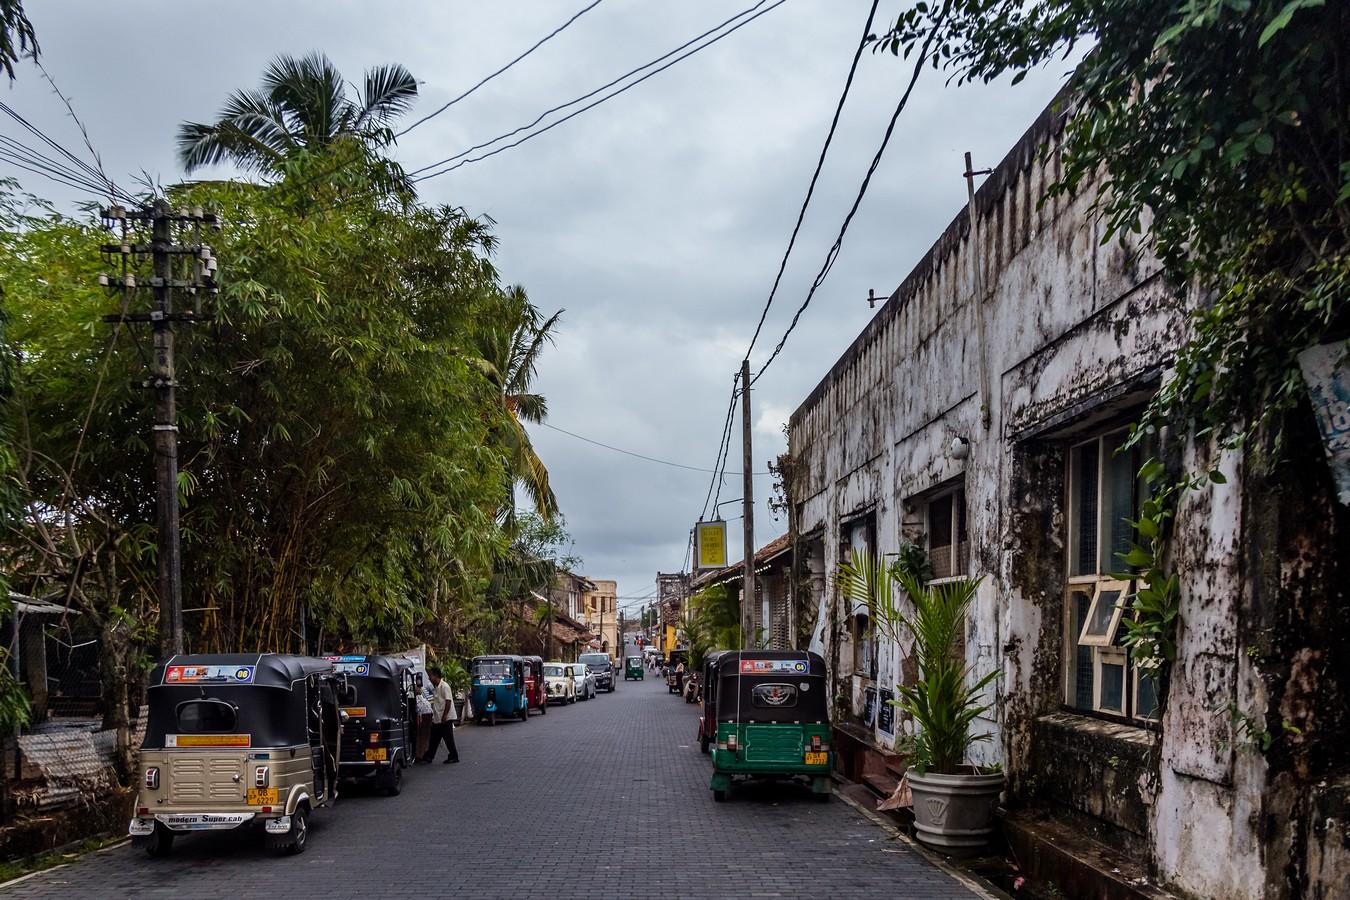 Шри-Ланка. Часть 1. Унаватуна, Галле и тропический лес Синхараджа фото